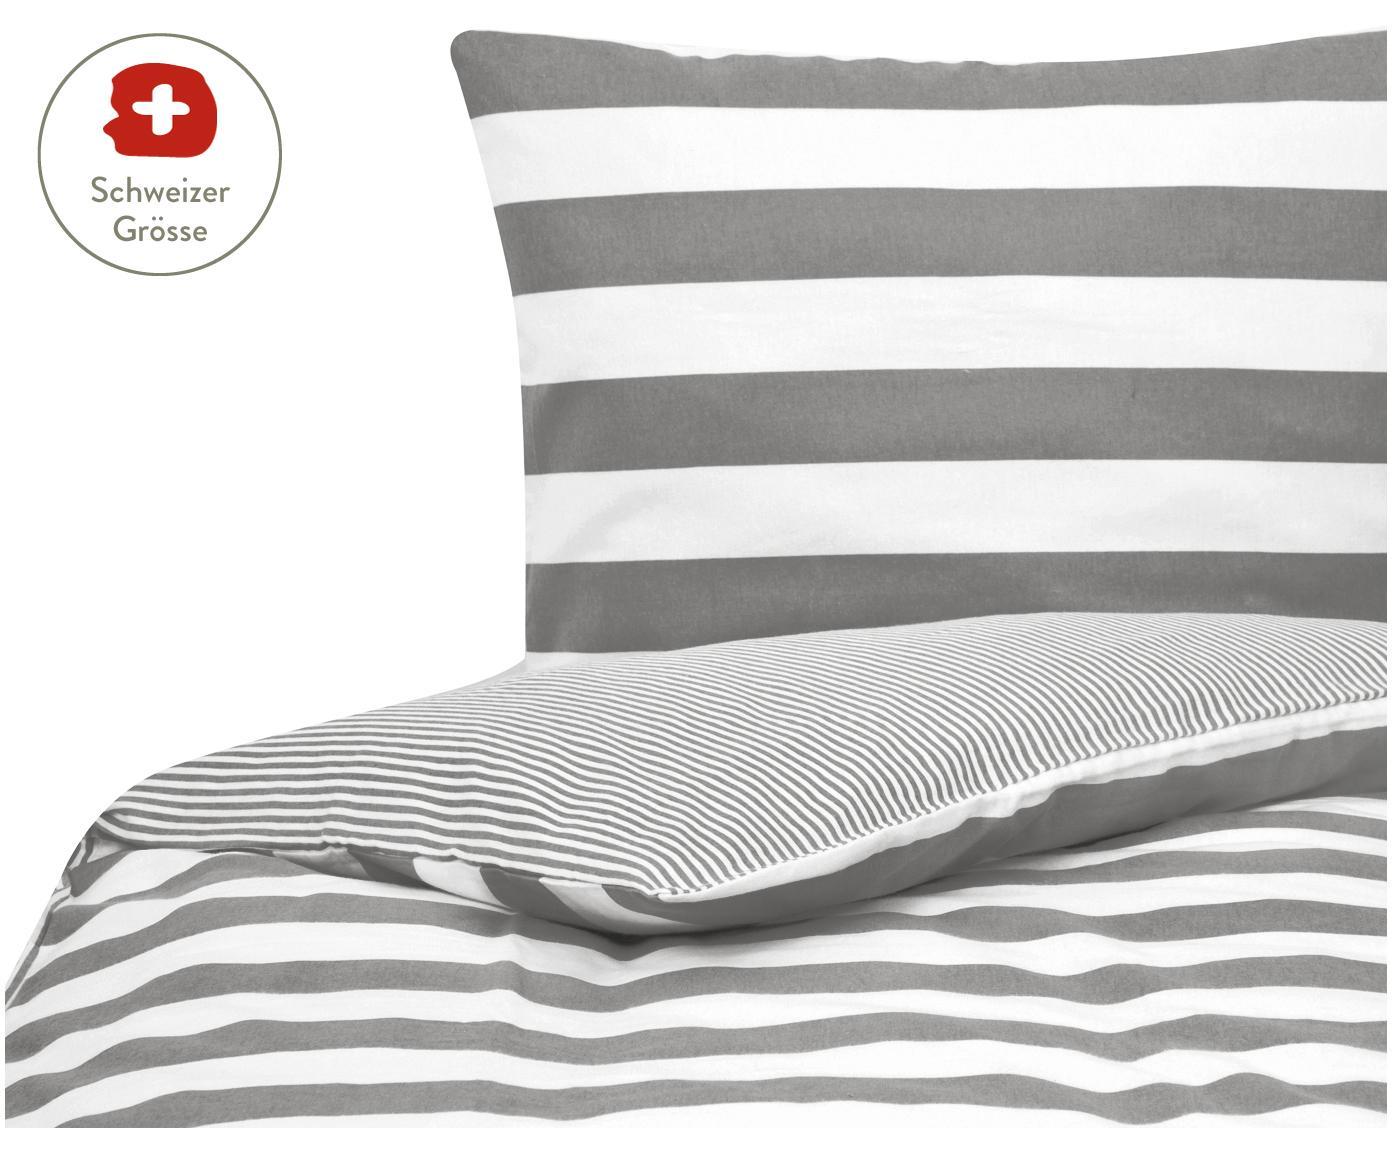 Flanell-Wendebettdeckenbezug Alice mit Sternen, Webart: Flanell, Grau, Weiss, 160 x 210 cm